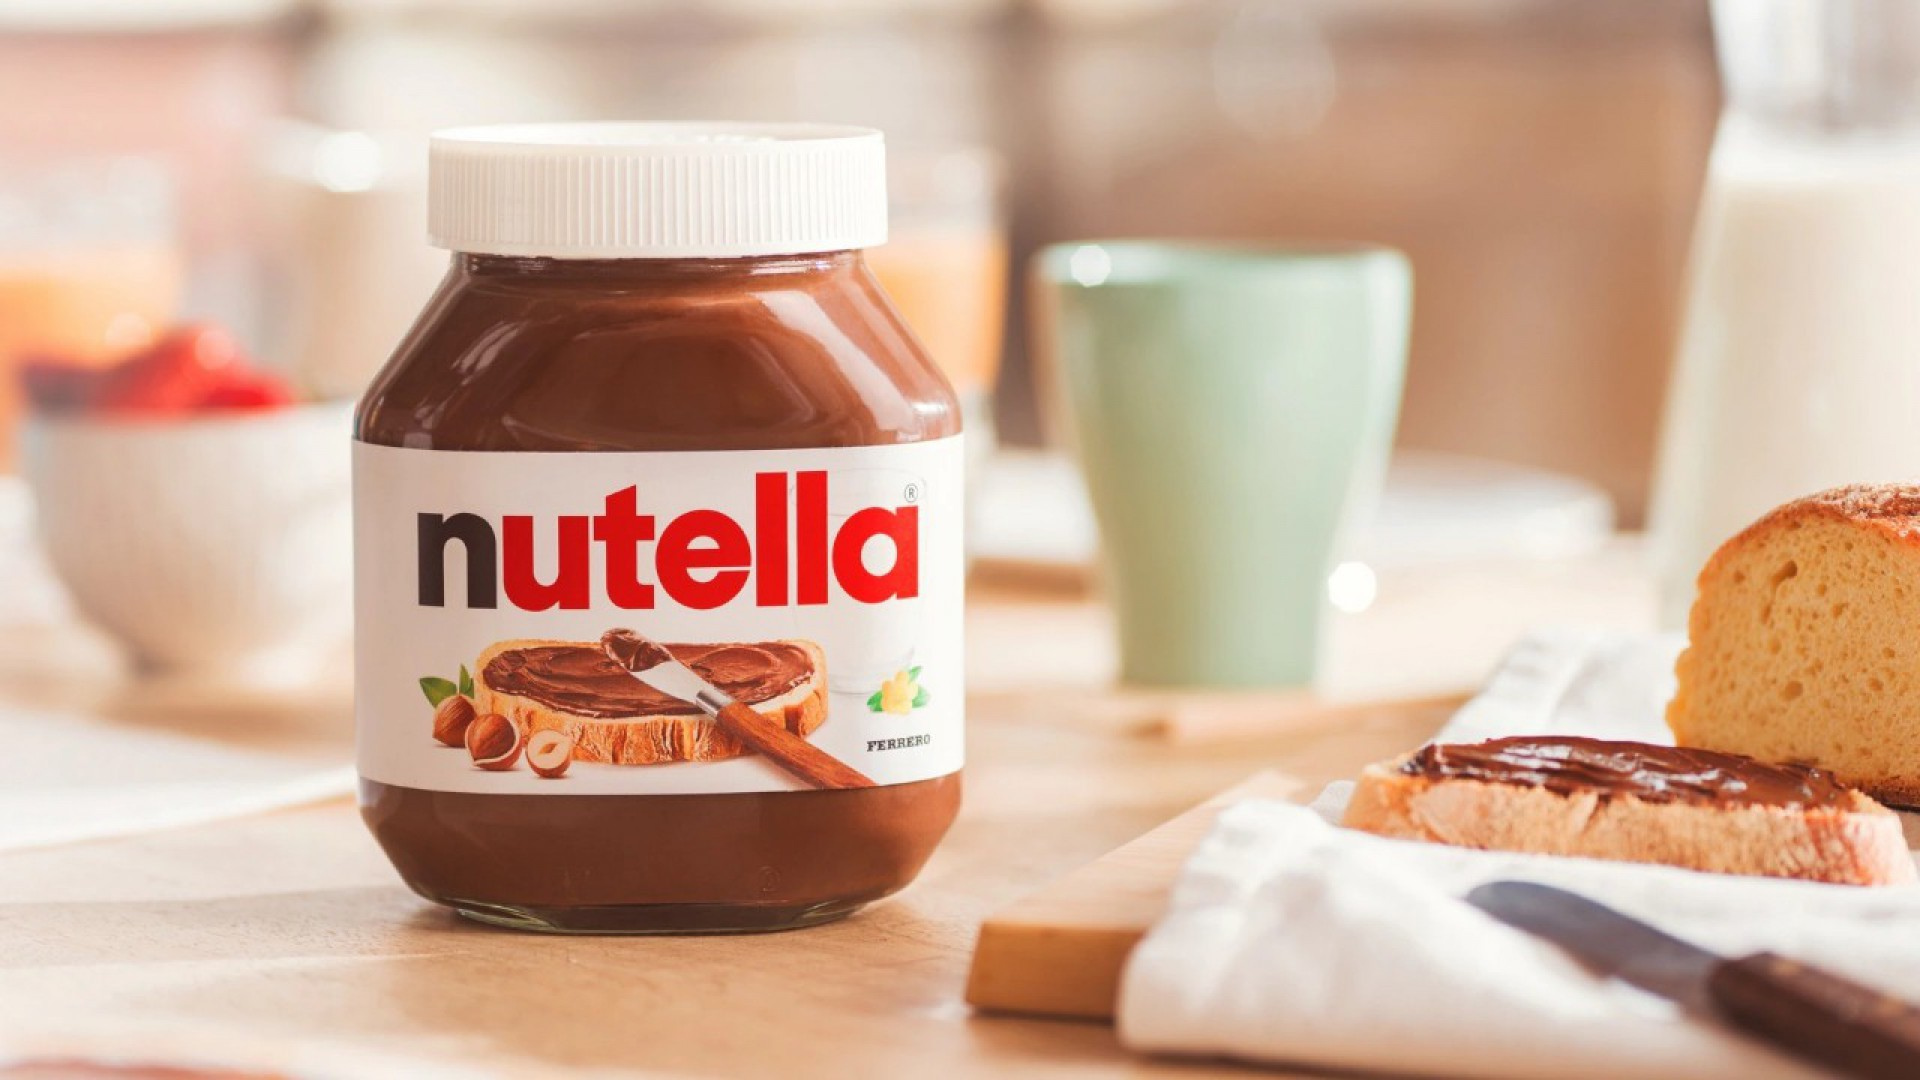 Apesar de ser vendido como creme de avelã e cacau, principais ingredientes da Nutella são açúcar (50%) e óleo de palma (30%)